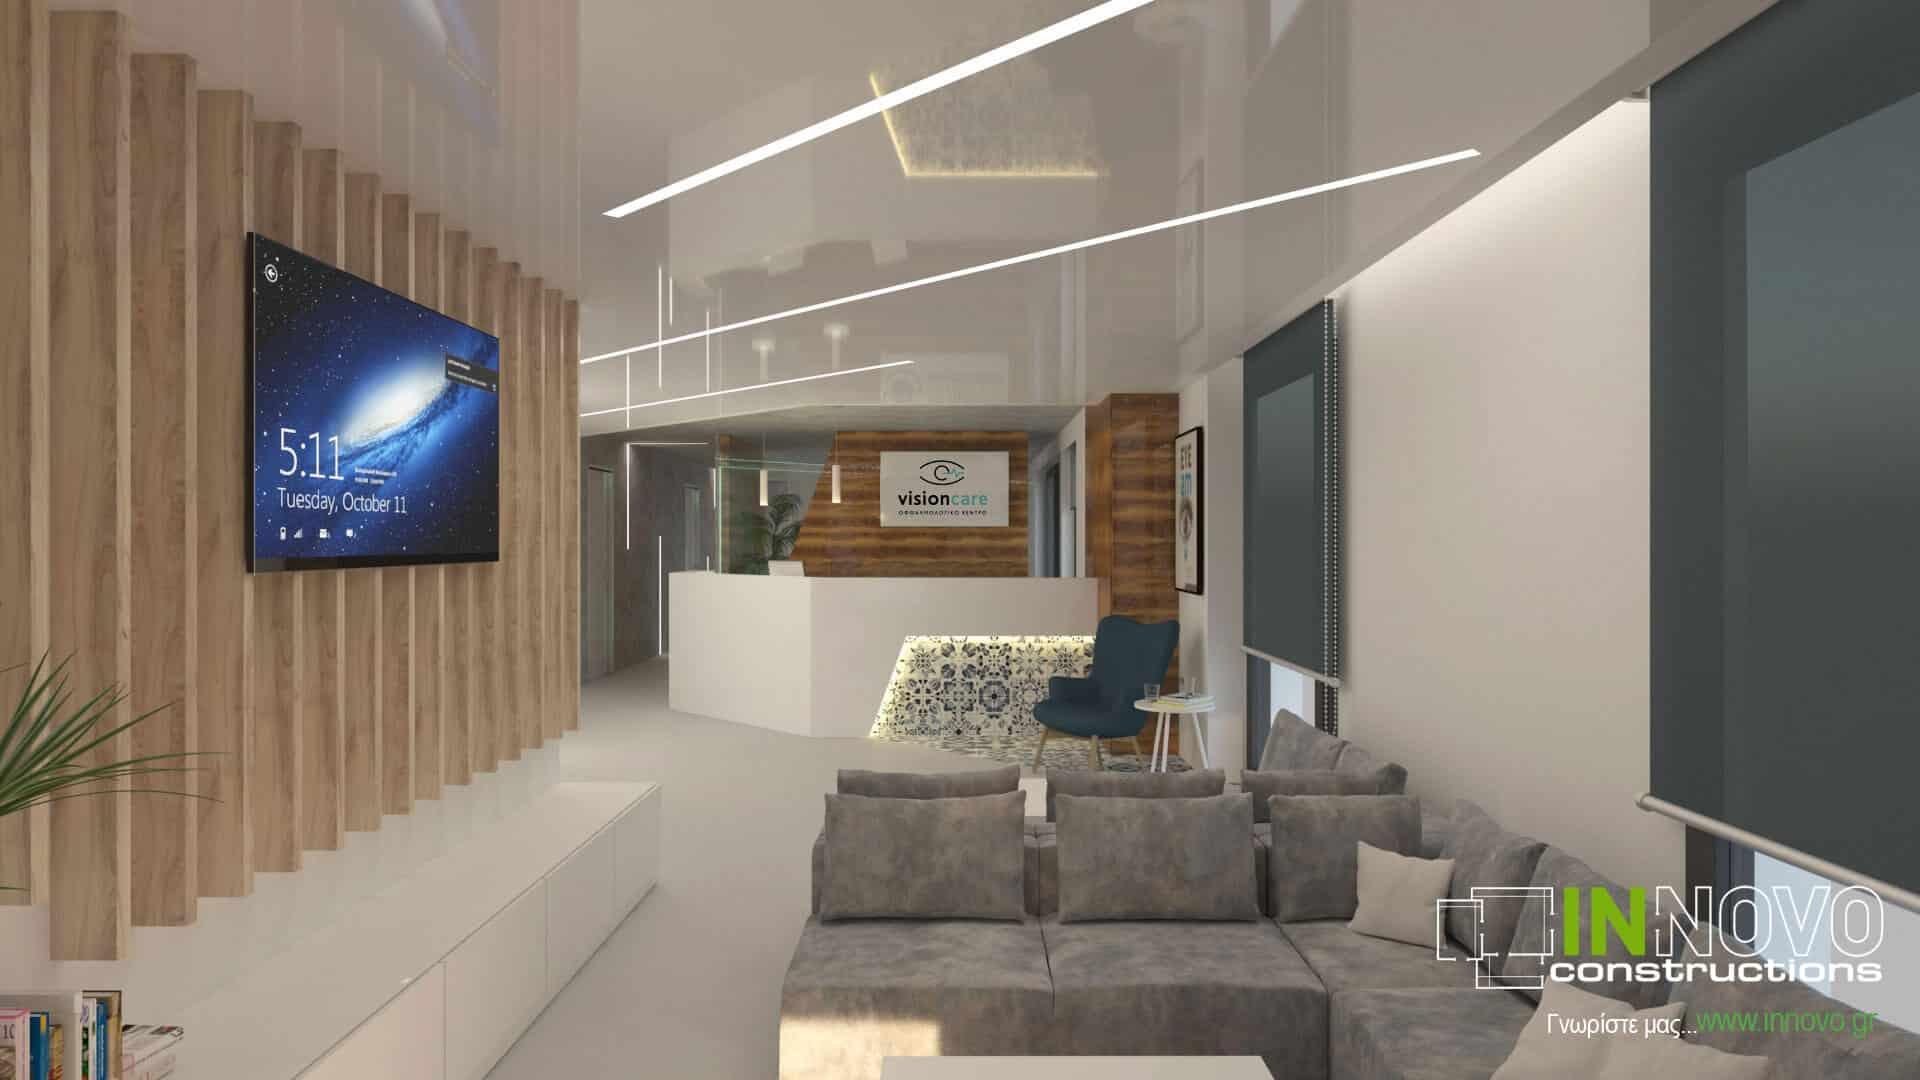 Σχεδιασμός κατασκευής οφθαλμολογικής κλινικής στη Γλυφάδα